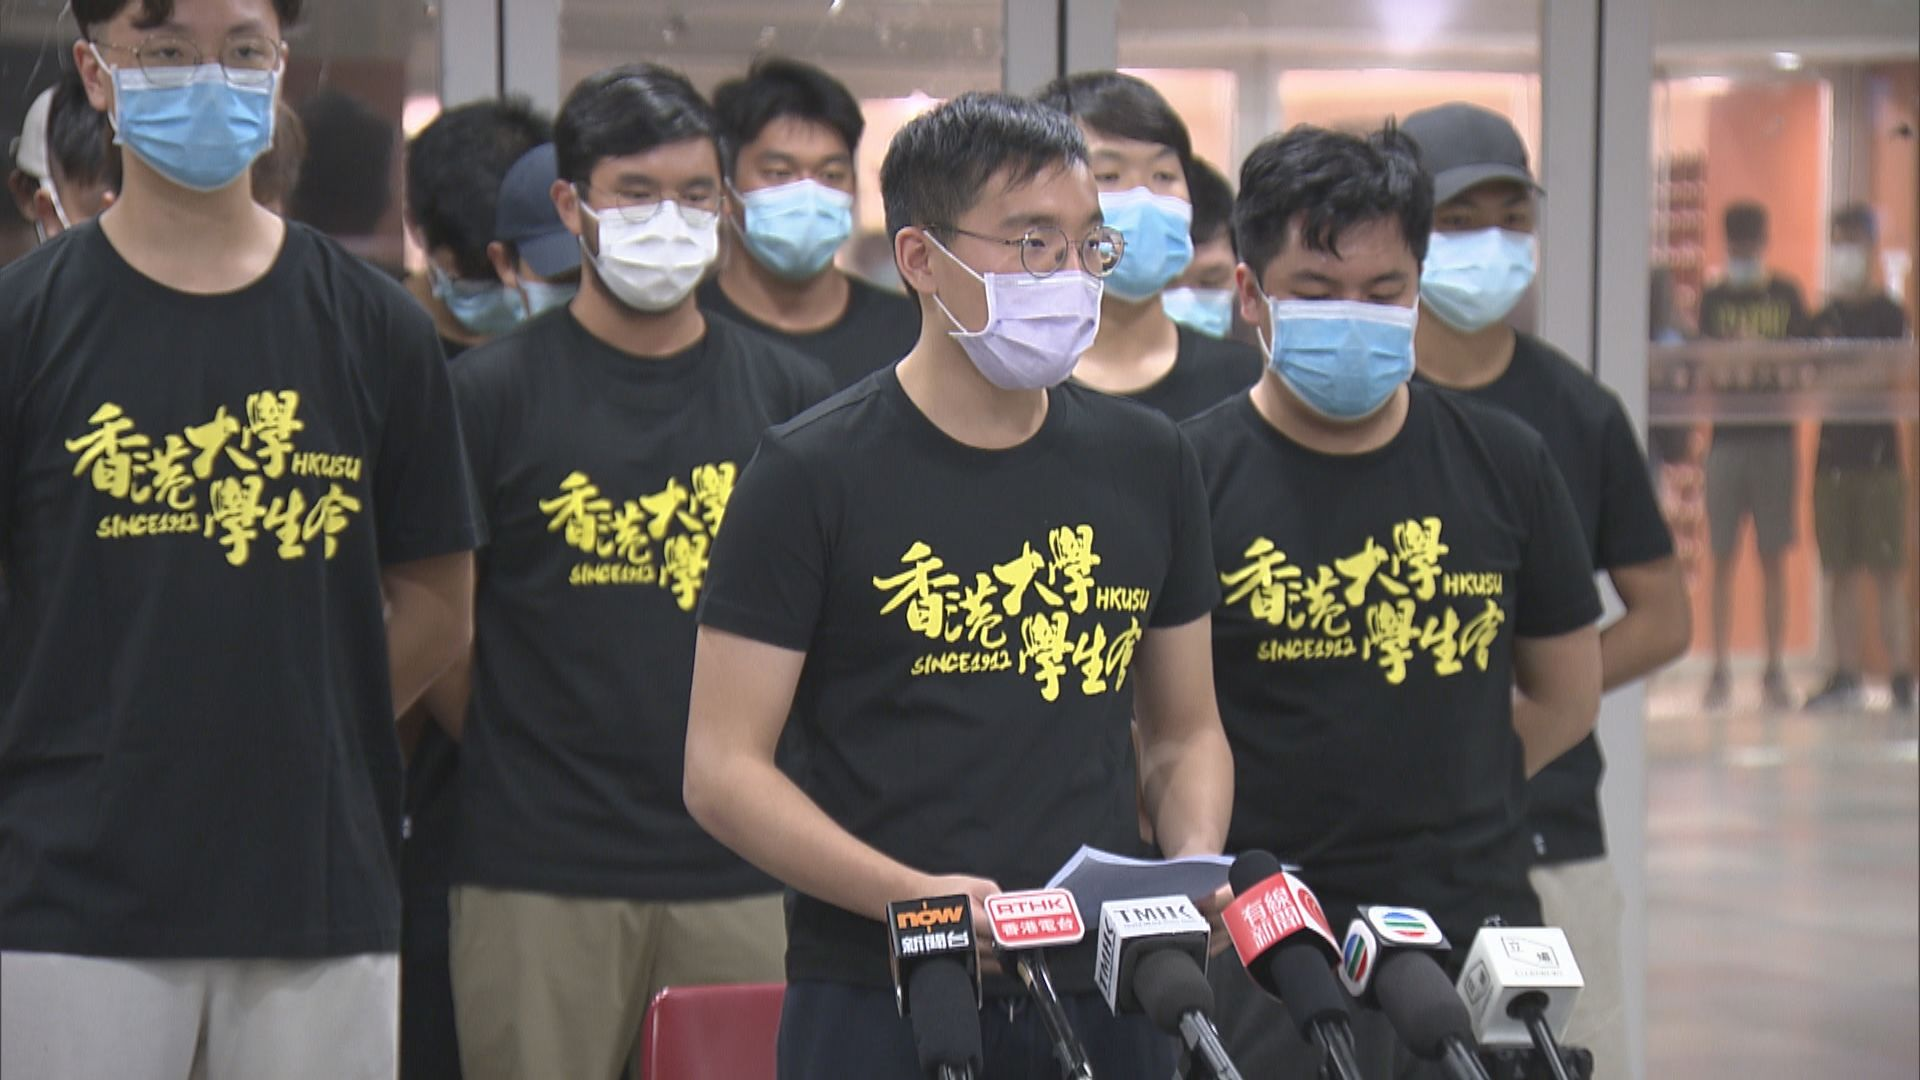 林鄭:港大學生評議會悼七一襲警疑犯令人髮指 校方應繼續跟進